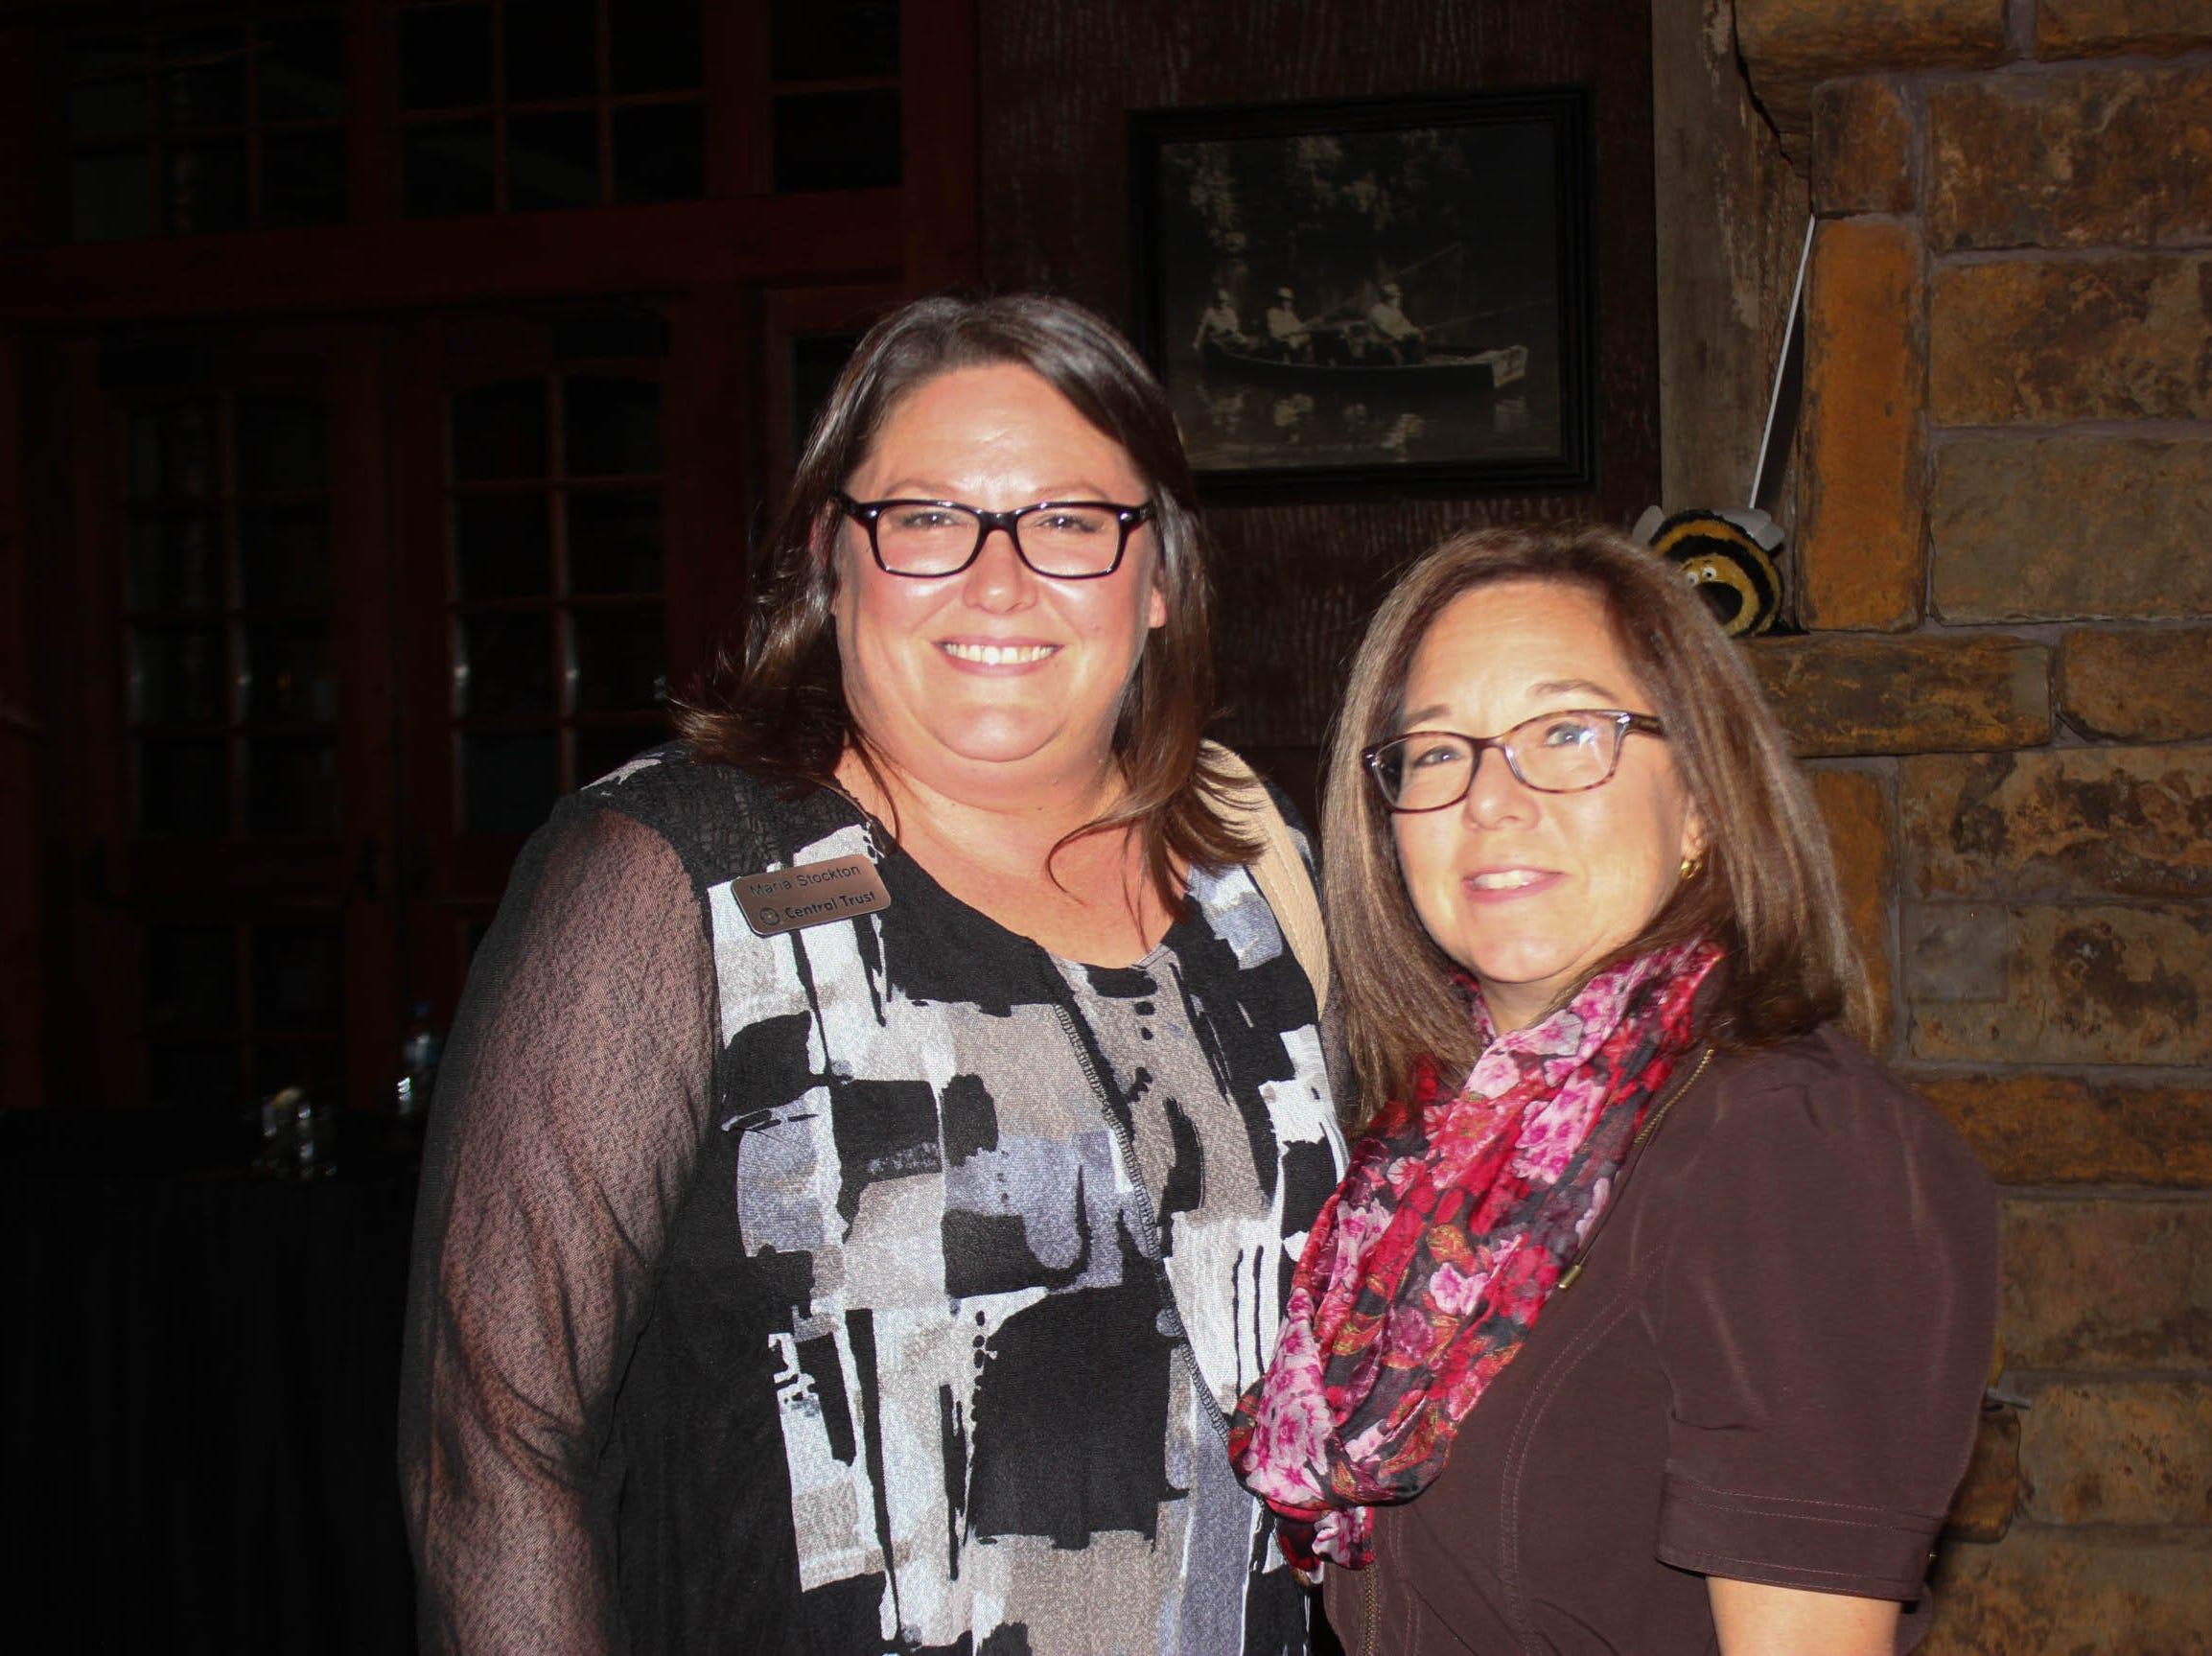 Maria Stockton and Patty Johns